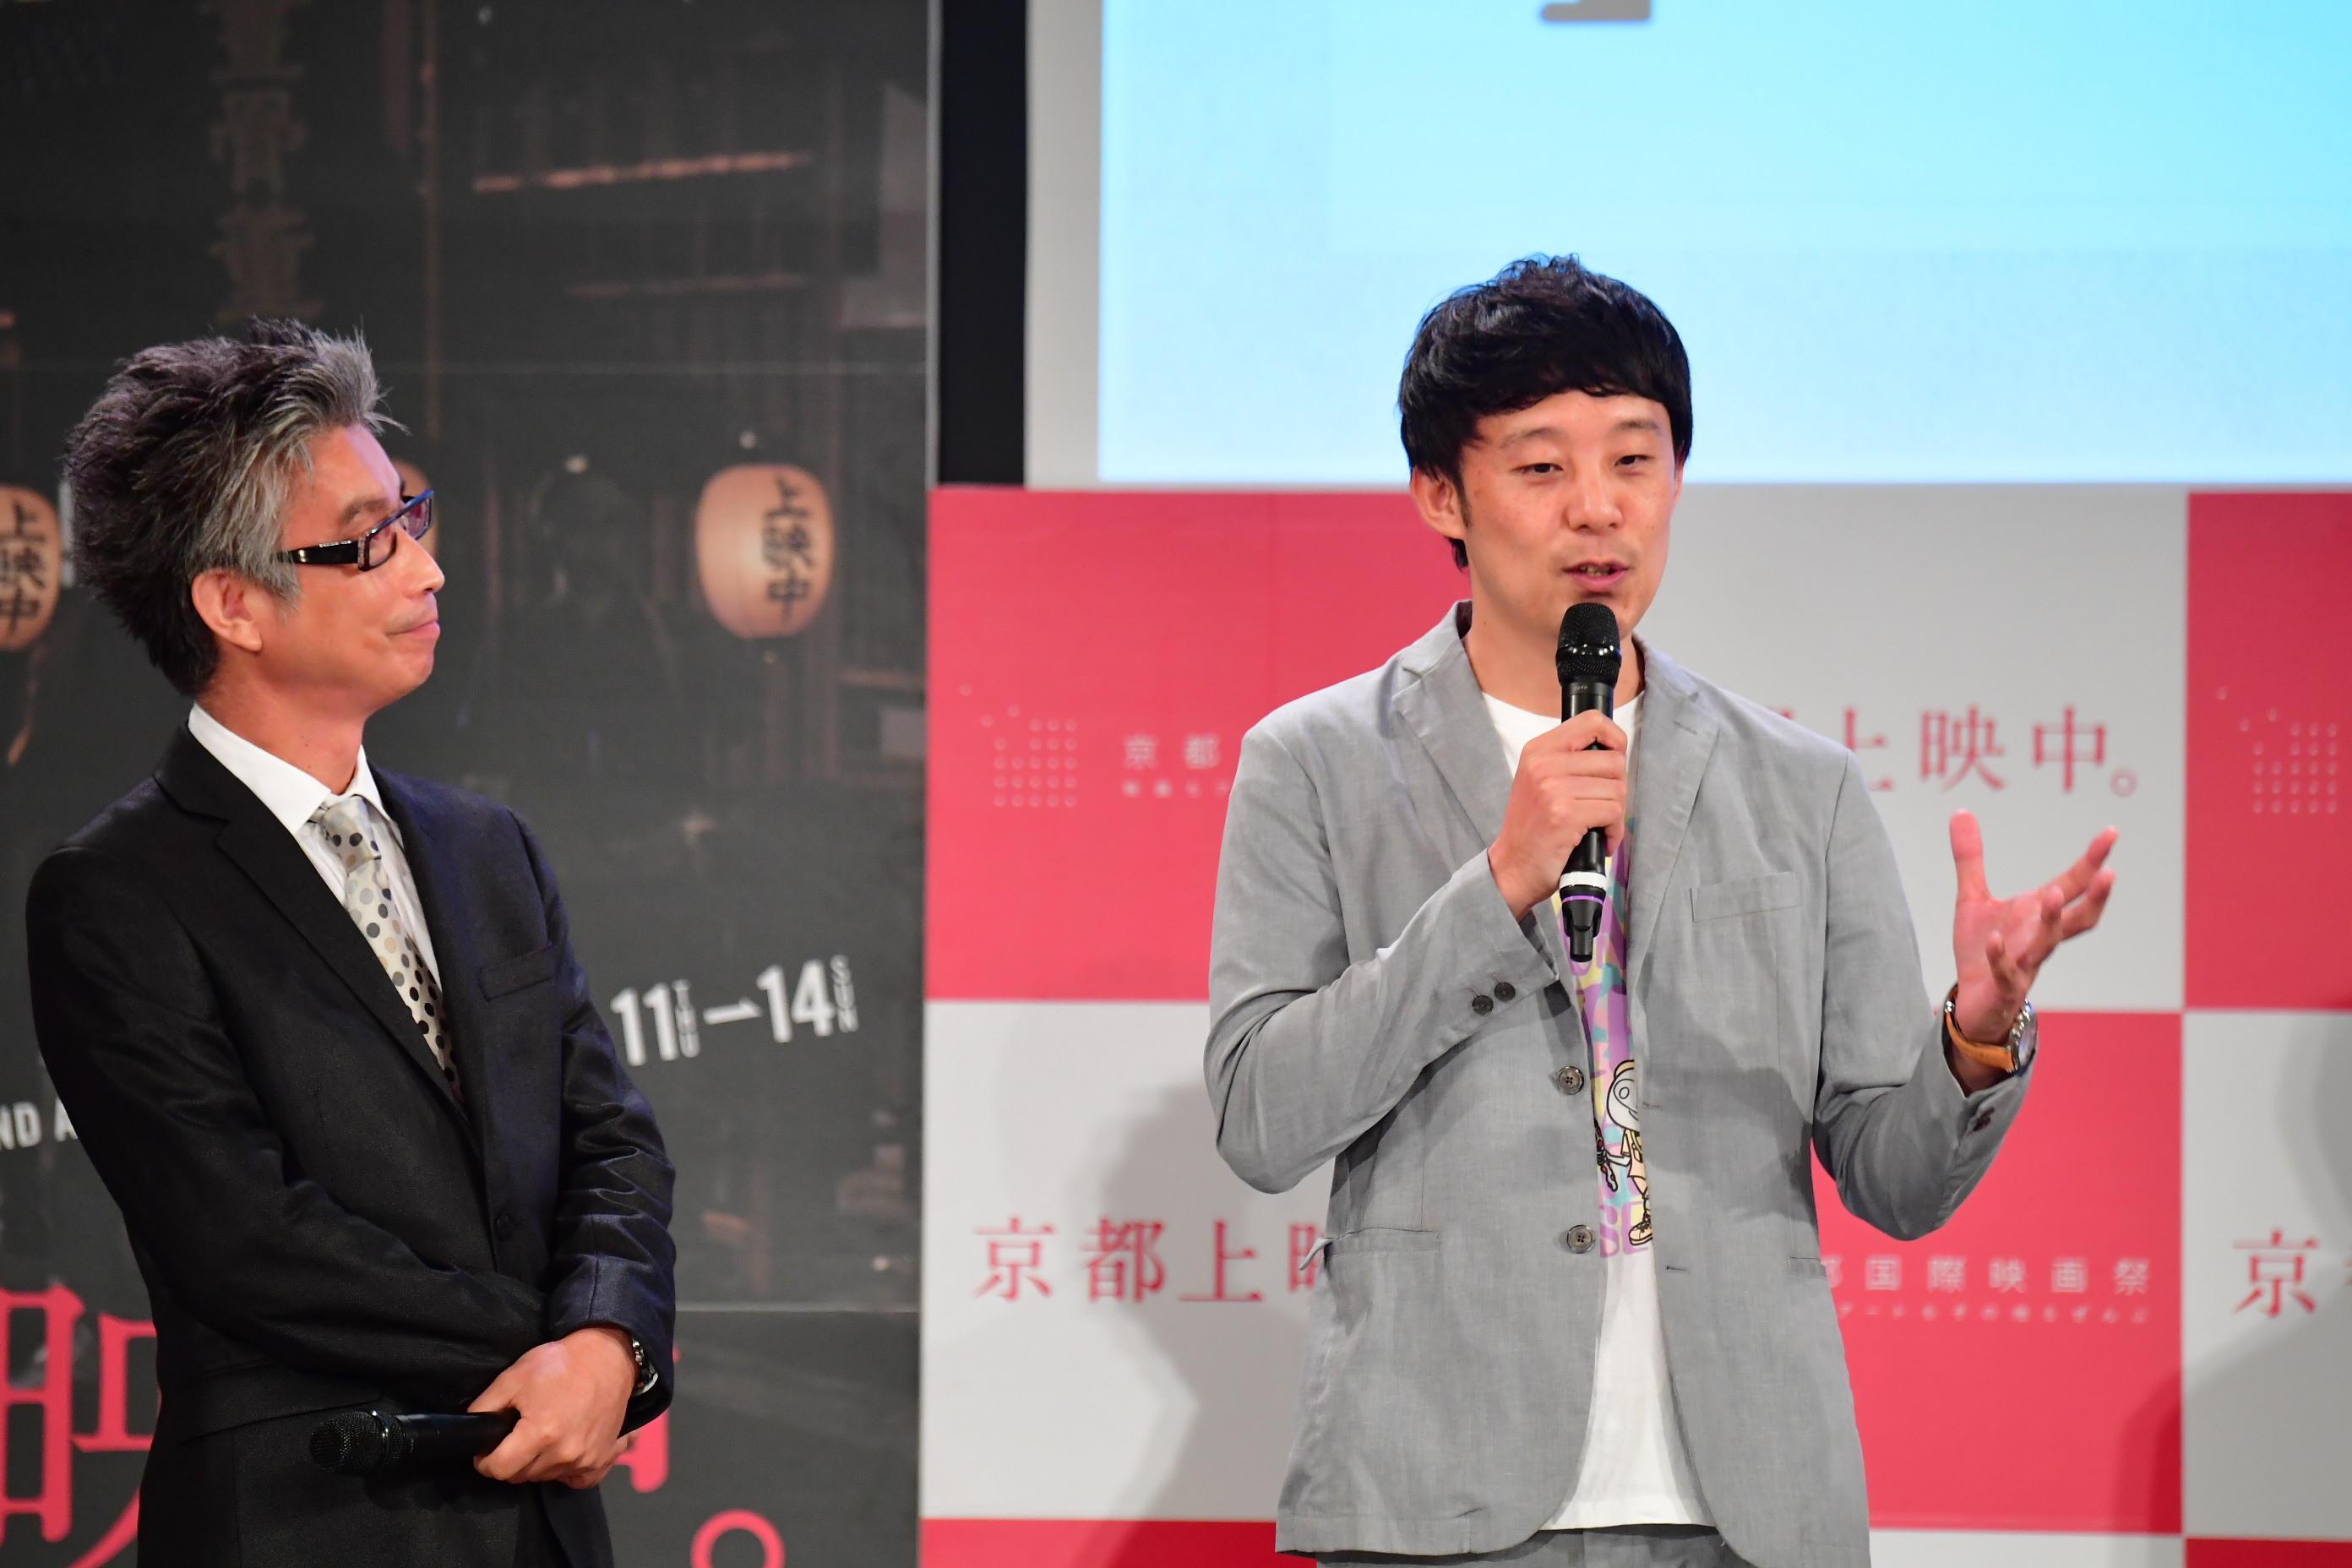 http://news.yoshimoto.co.jp/20180903233751-a2e5266cc787c543413e3da975f21d1e1f31d180.jpg